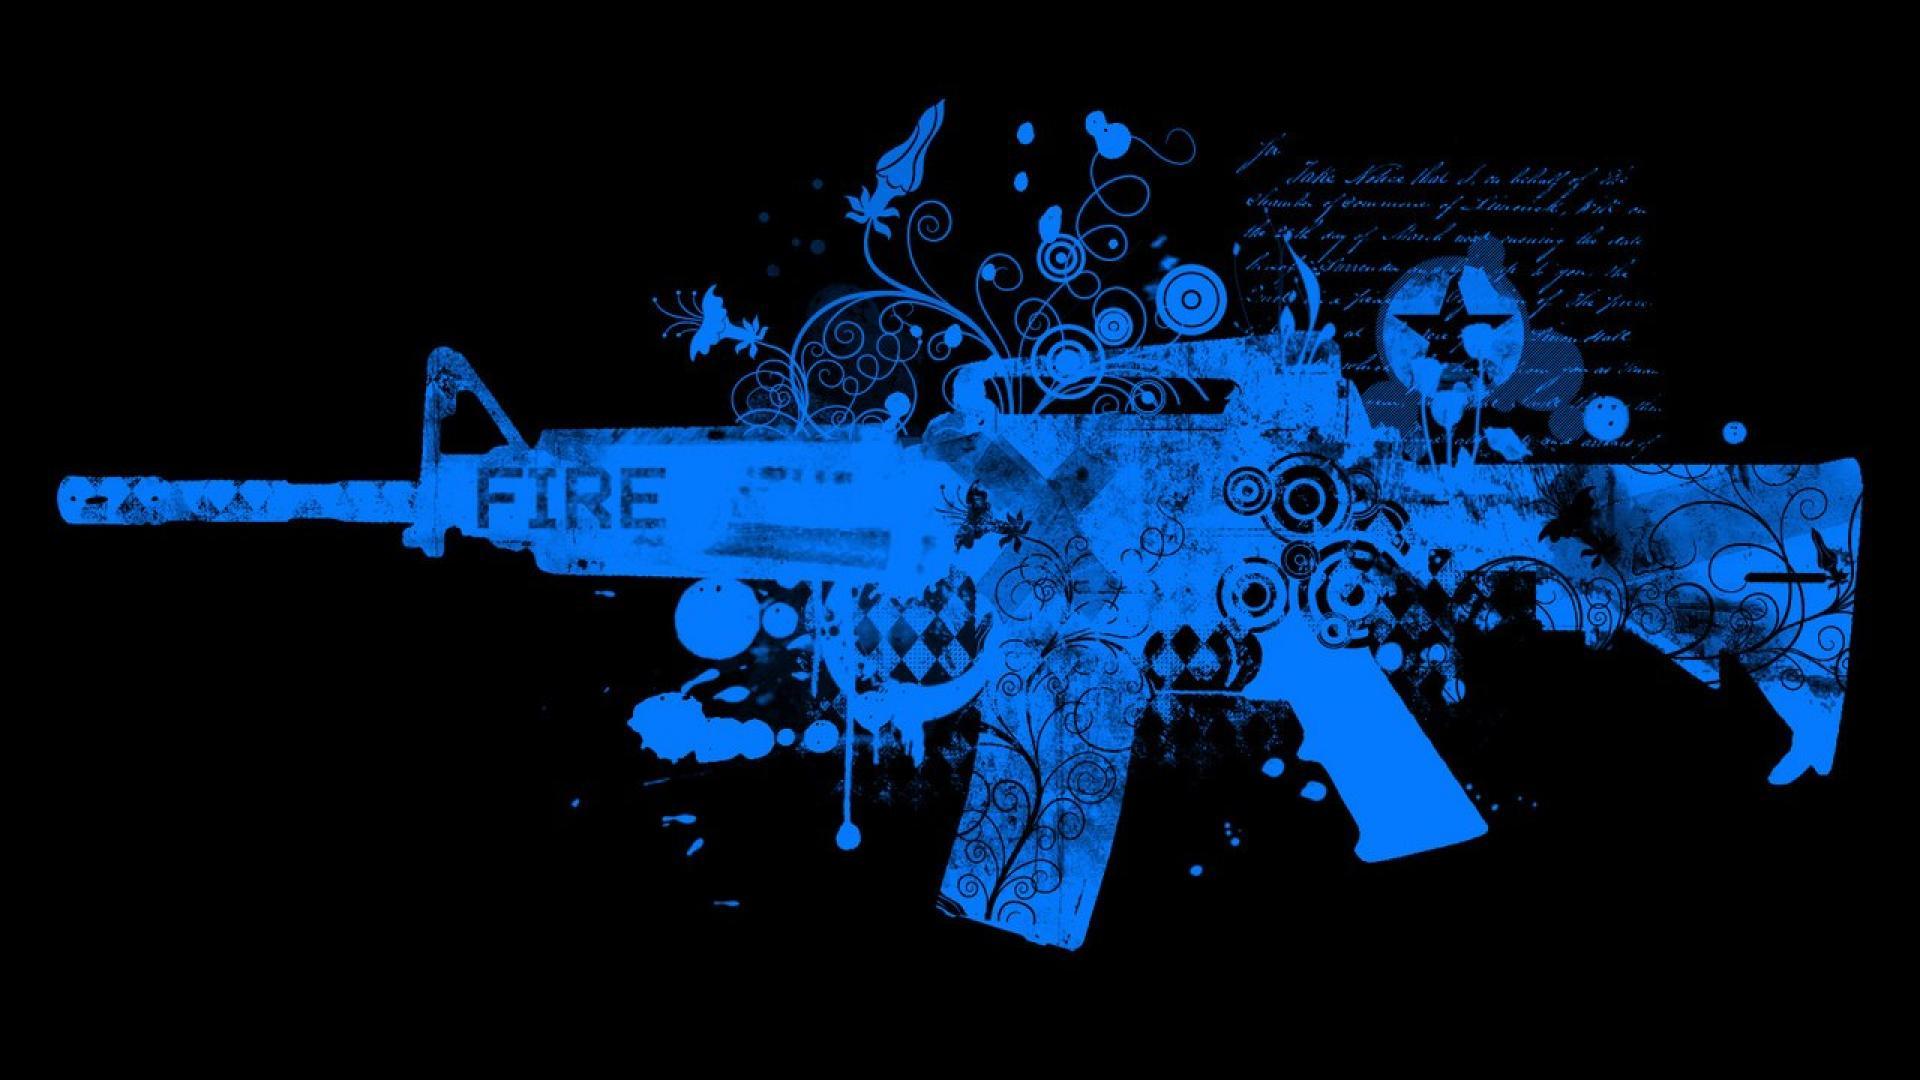 Abstract Gun HD wallpaper HD Latest Wallpapers 1920x1080